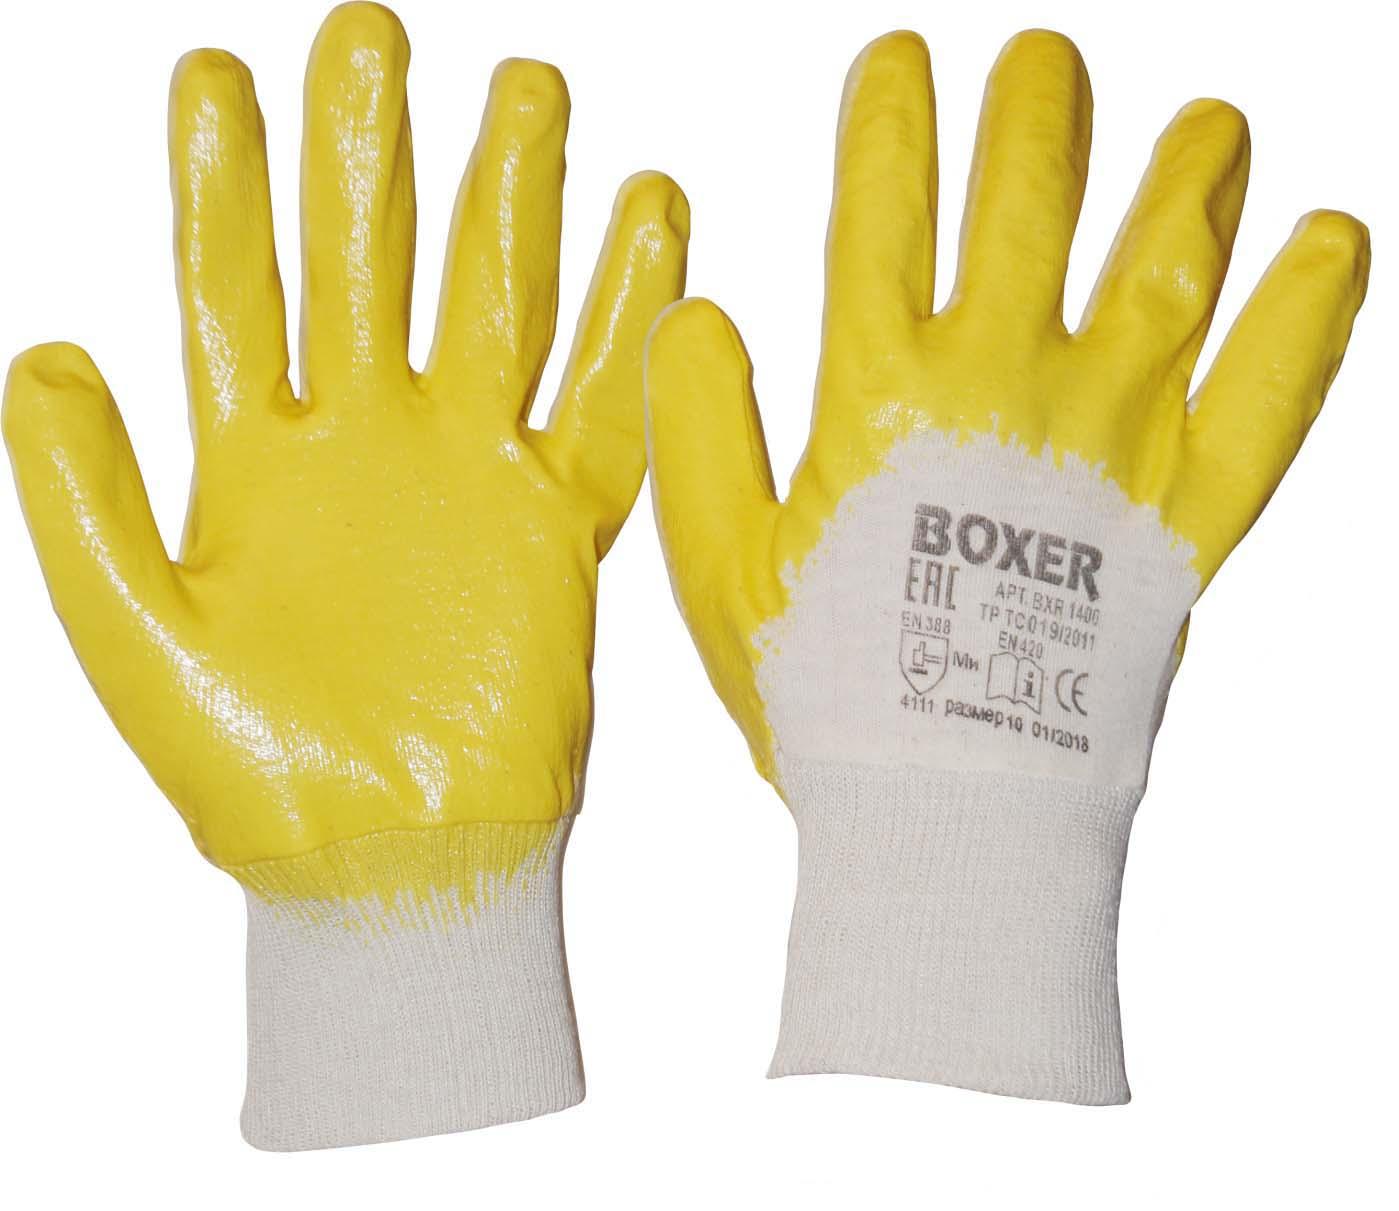 Перчатки защитные Boxer, с облегченным нитриловым покрытием. BXR1400 перчатки защитные boxer с облегченным нитриловым покрытием bxr2301sticker